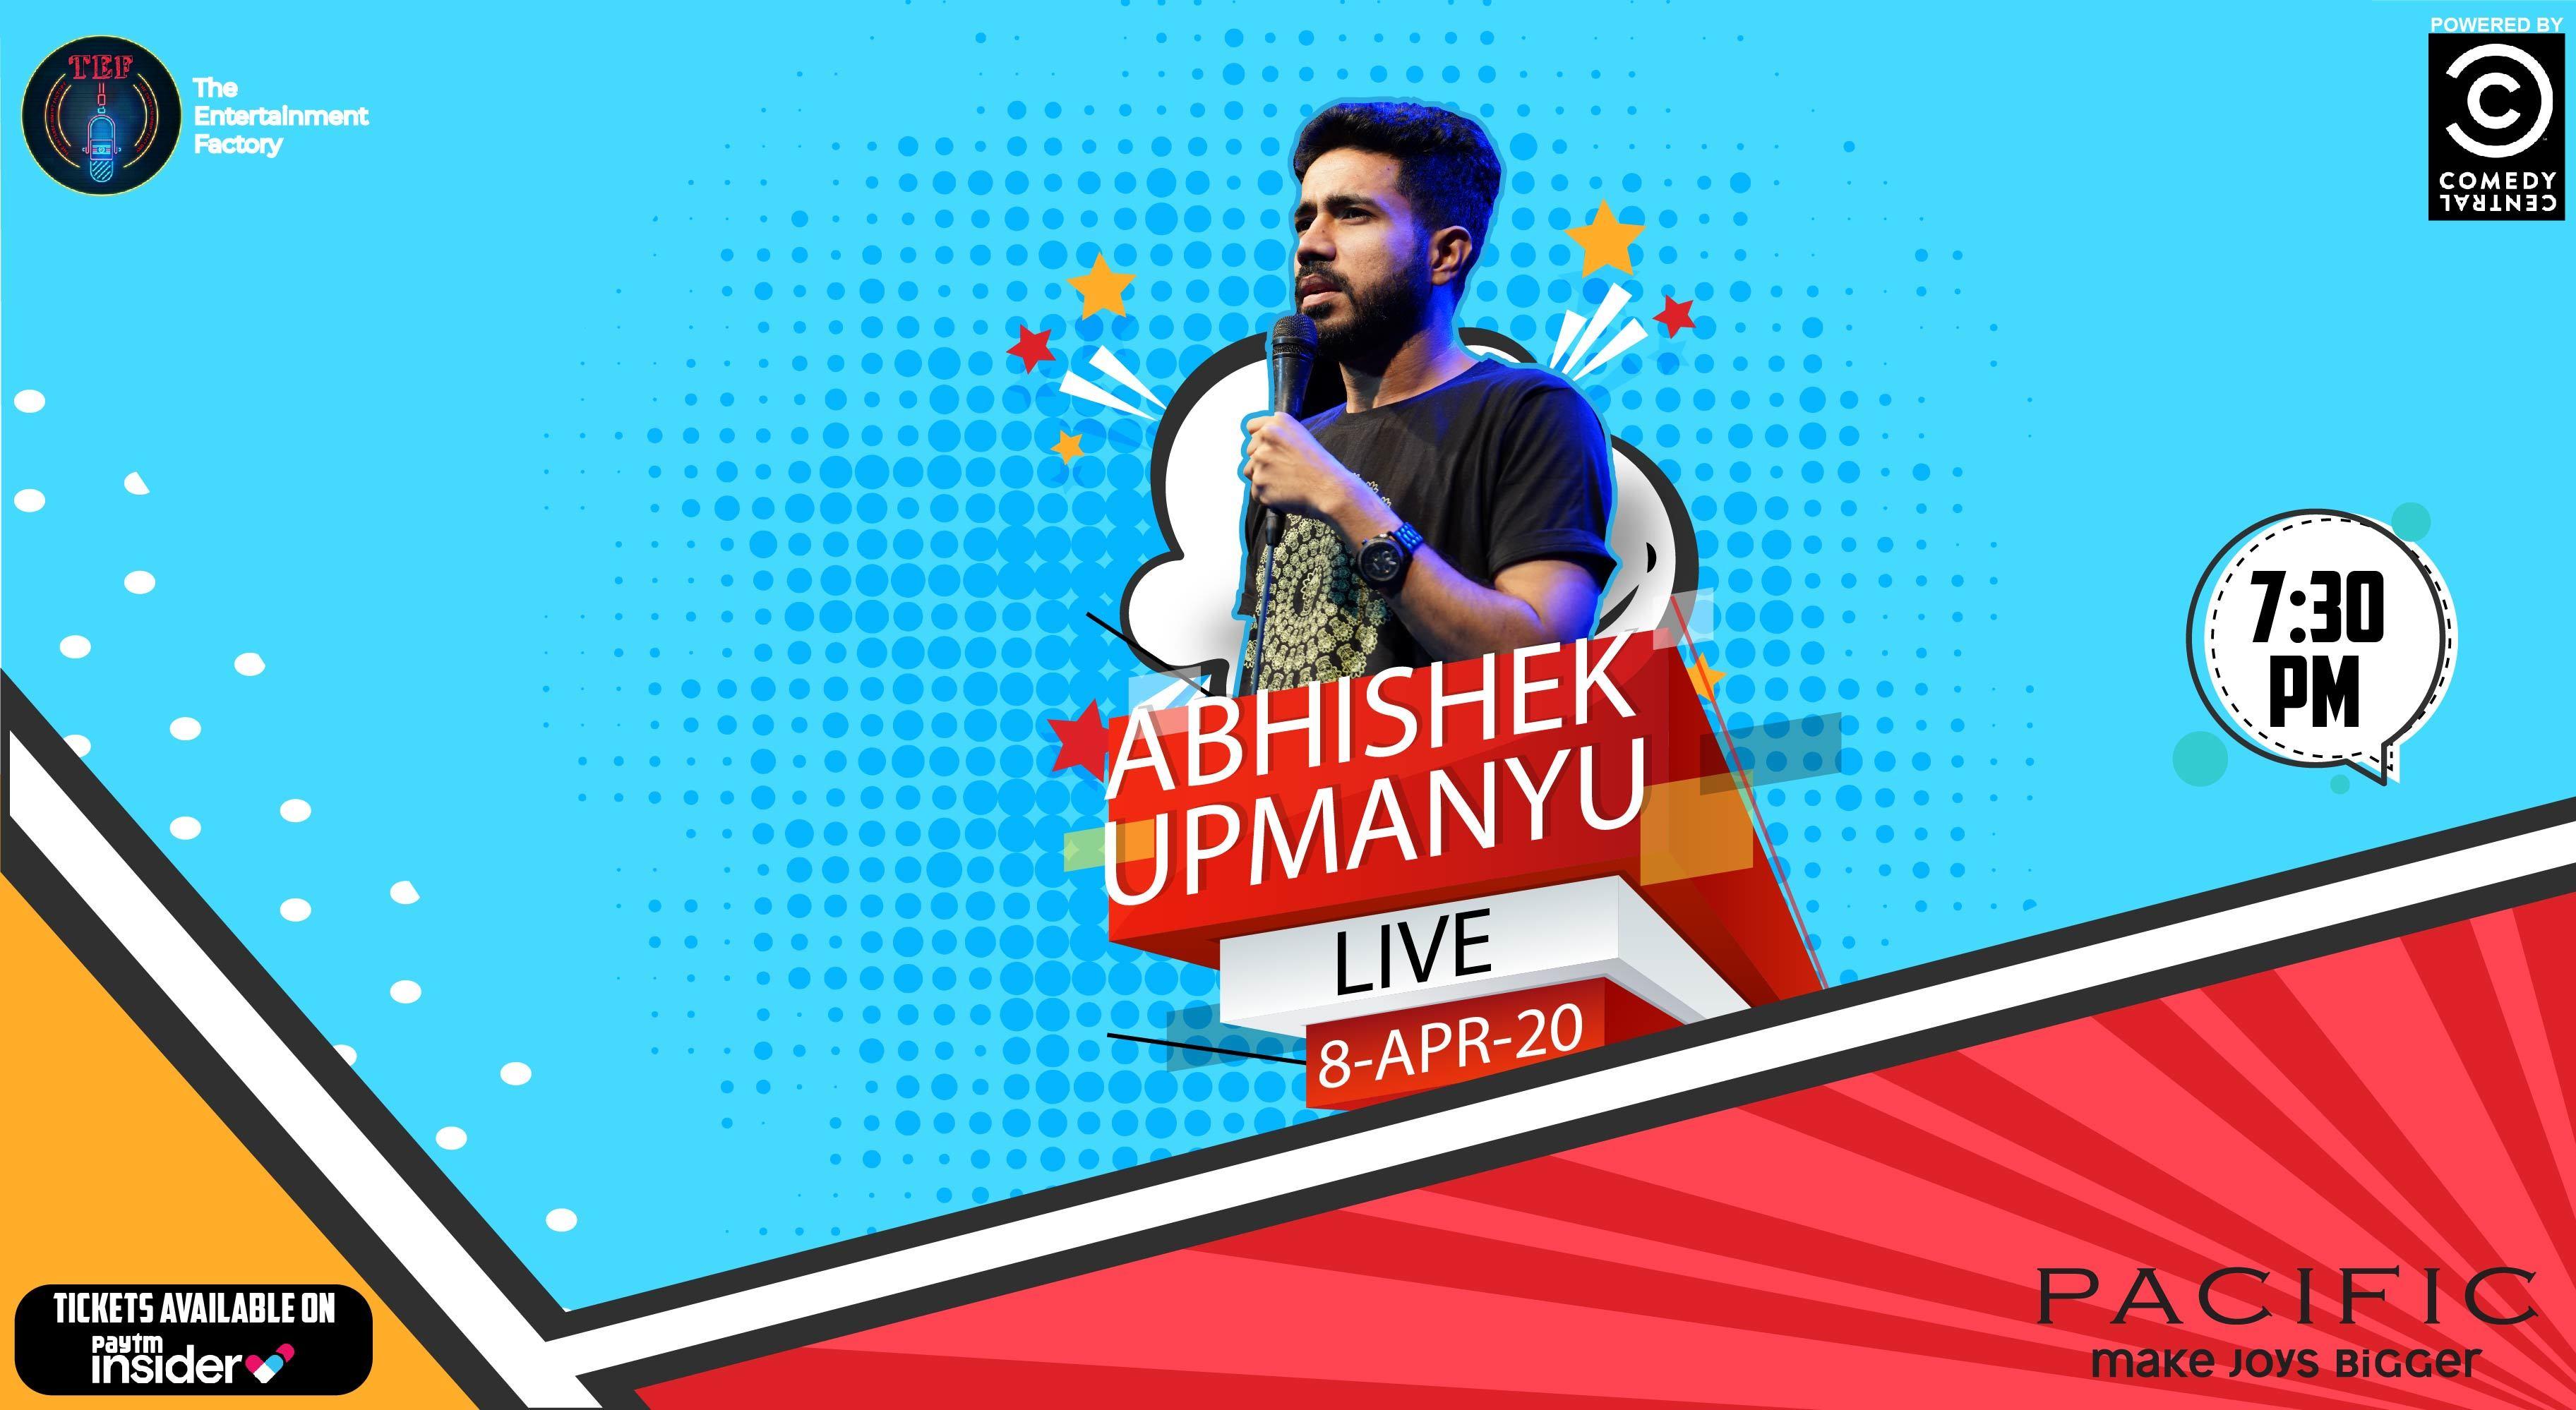 Abhishek Upmanyu Live | New Delhi